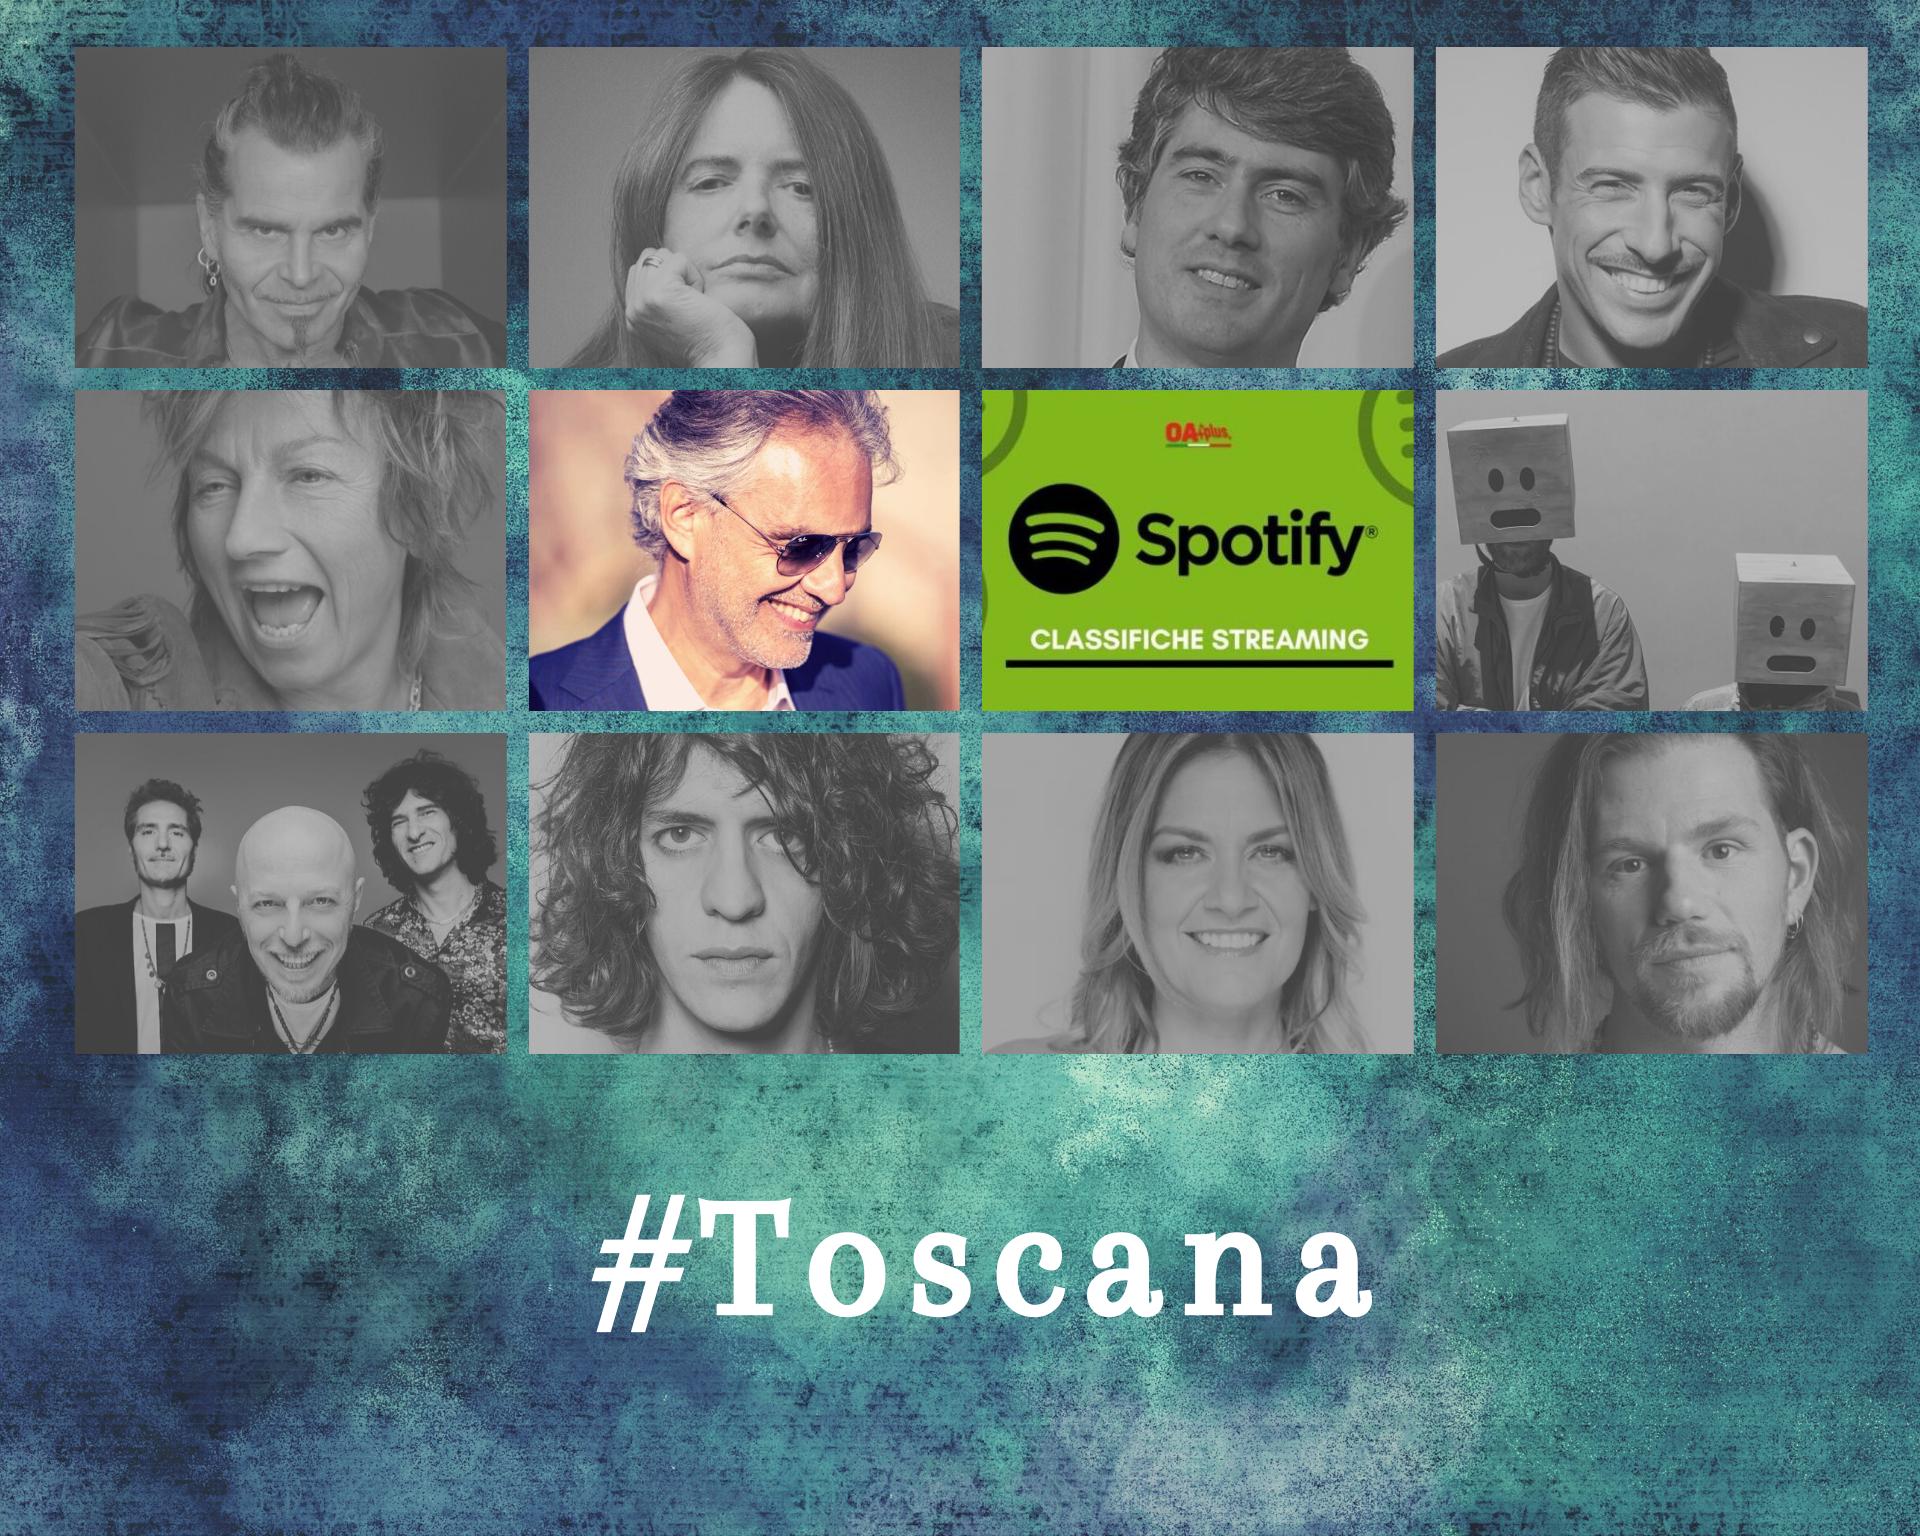 Cantanti della Toscana più ascoltati su Spotify: Bocelli batte Nannini. Sul podio anche Dario Marianelli